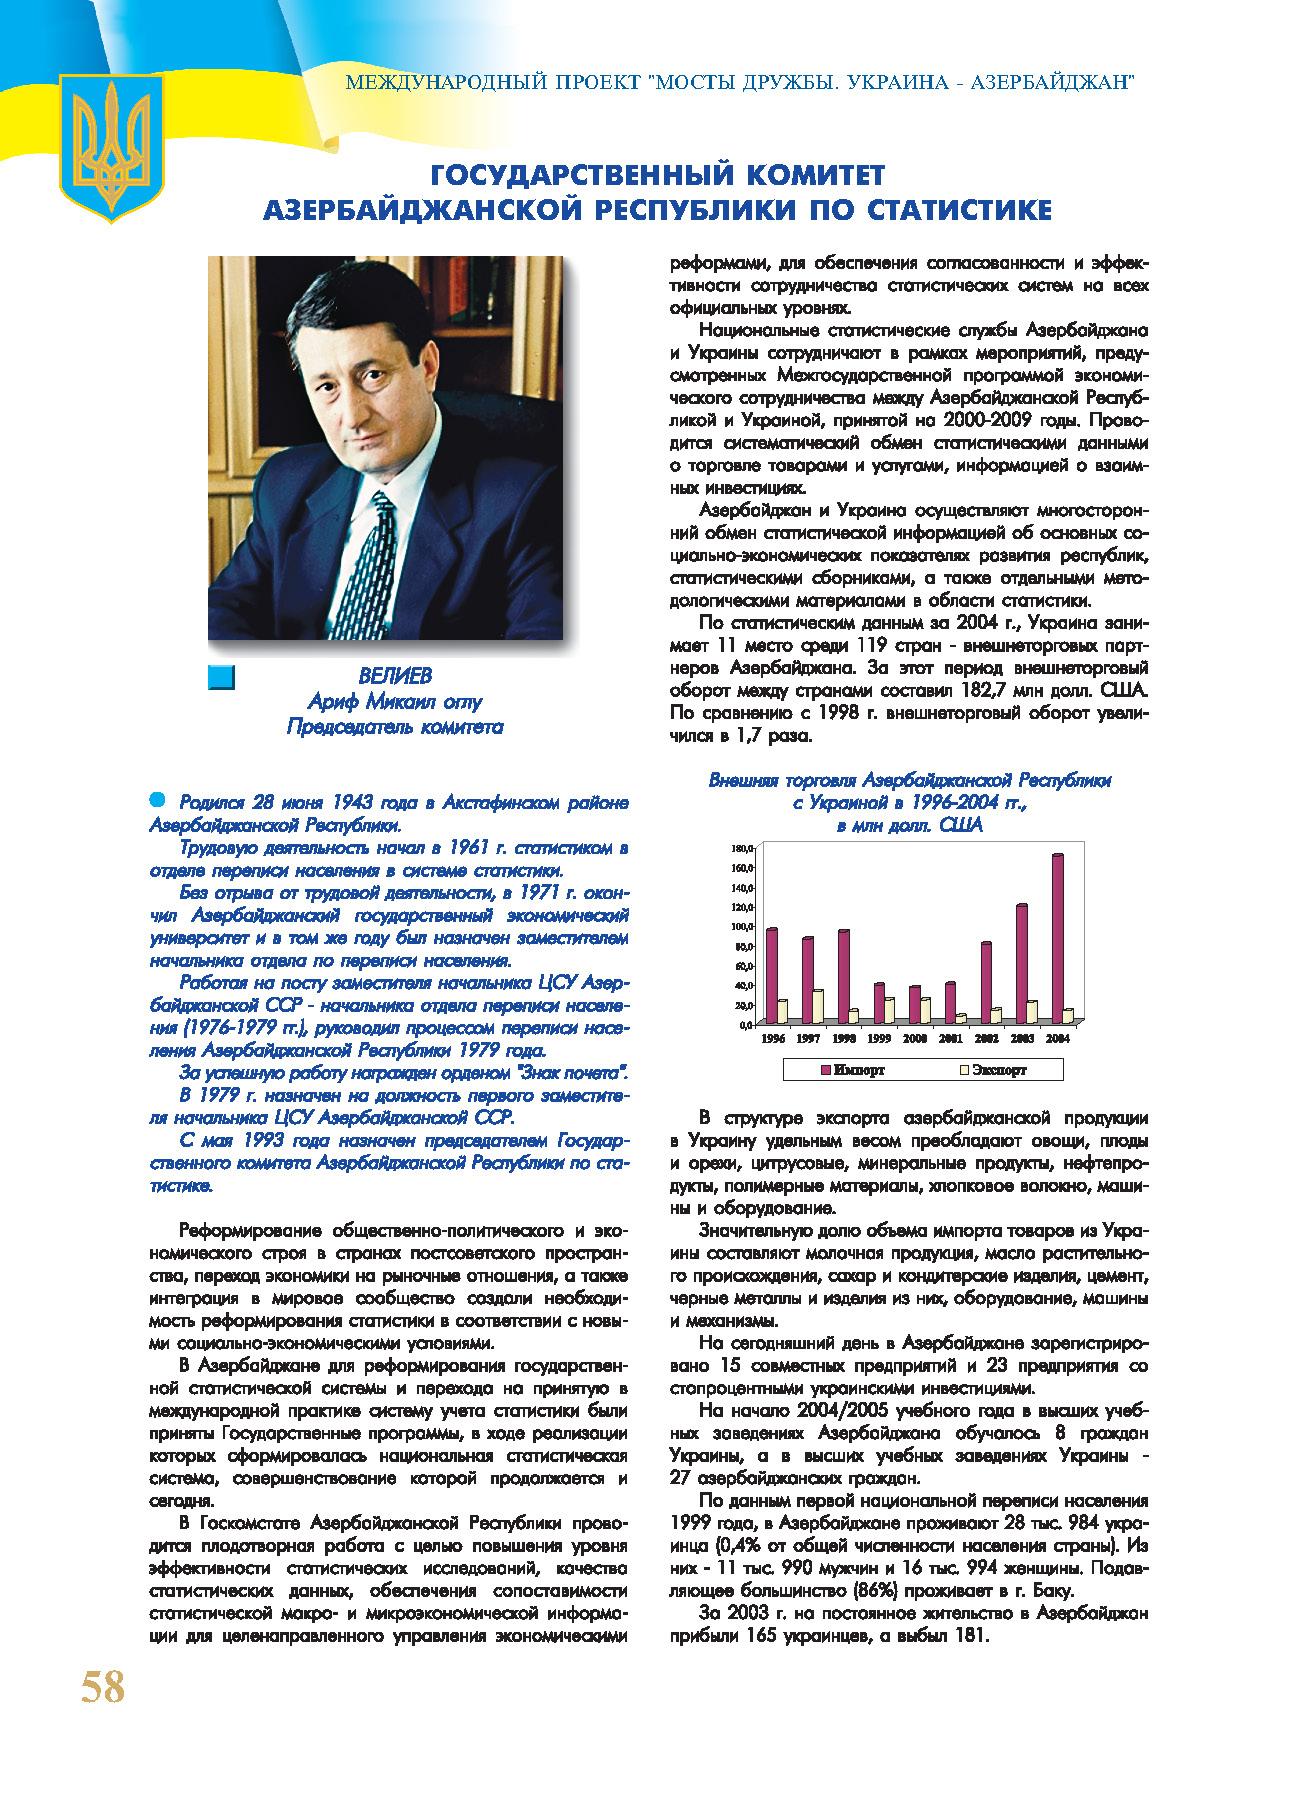 Государственный комитет Азербайджанской Республики по статистике